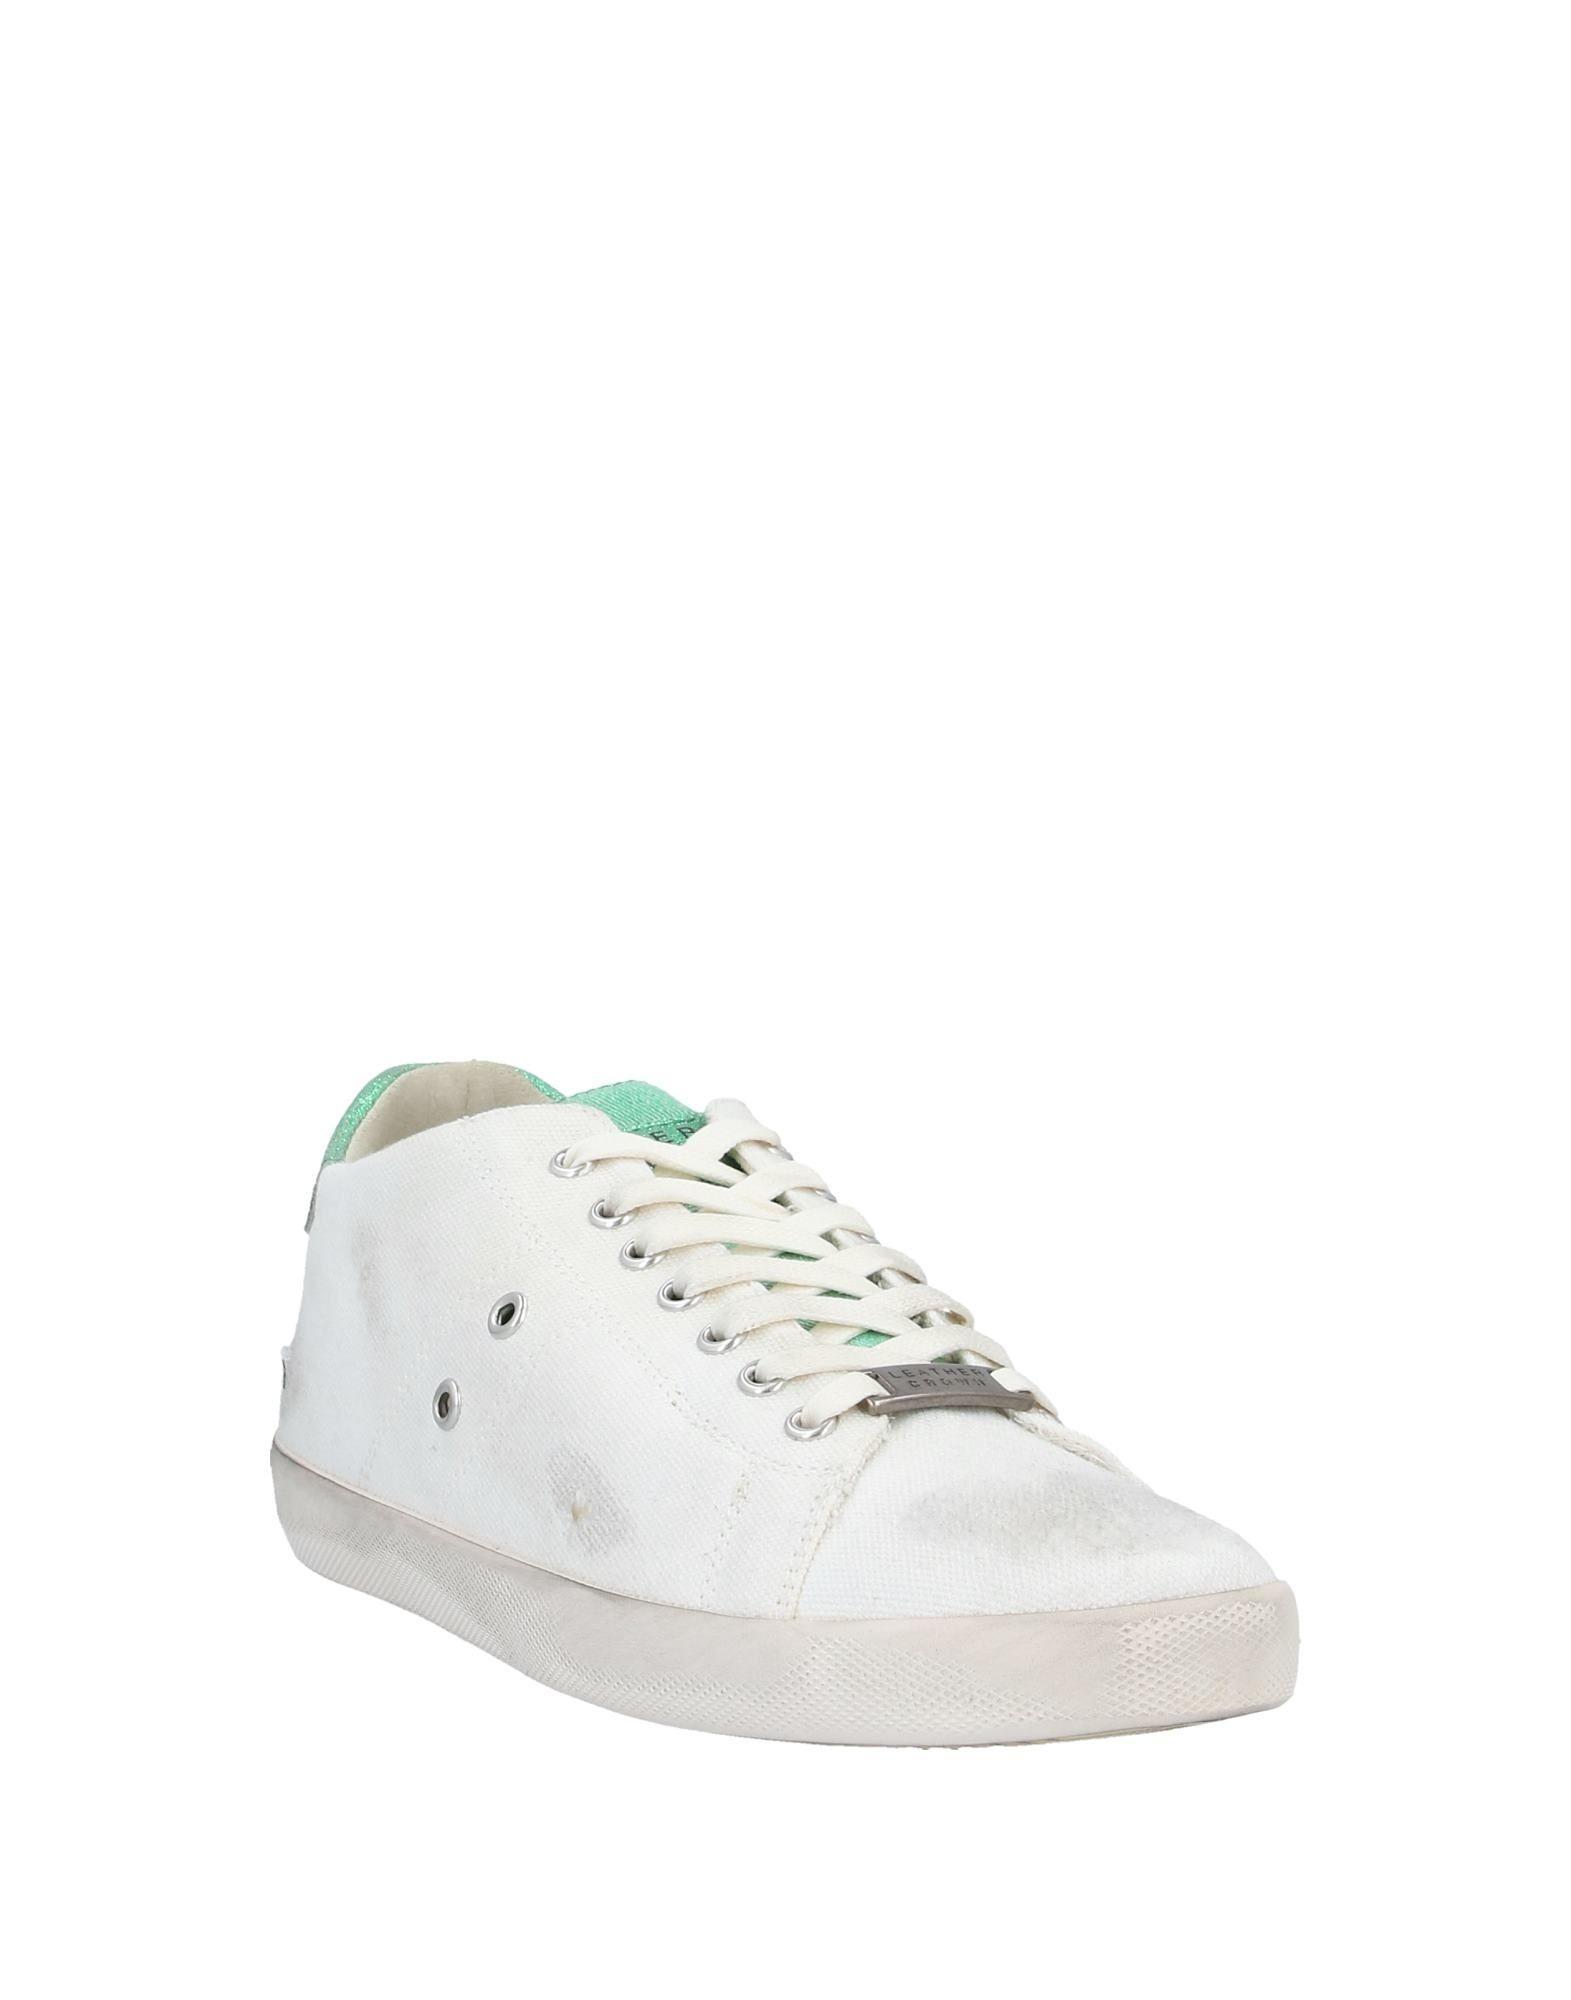 Sneakers & Tennis basses Cuir Leather Crown pour homme en coloris Blanc om9z